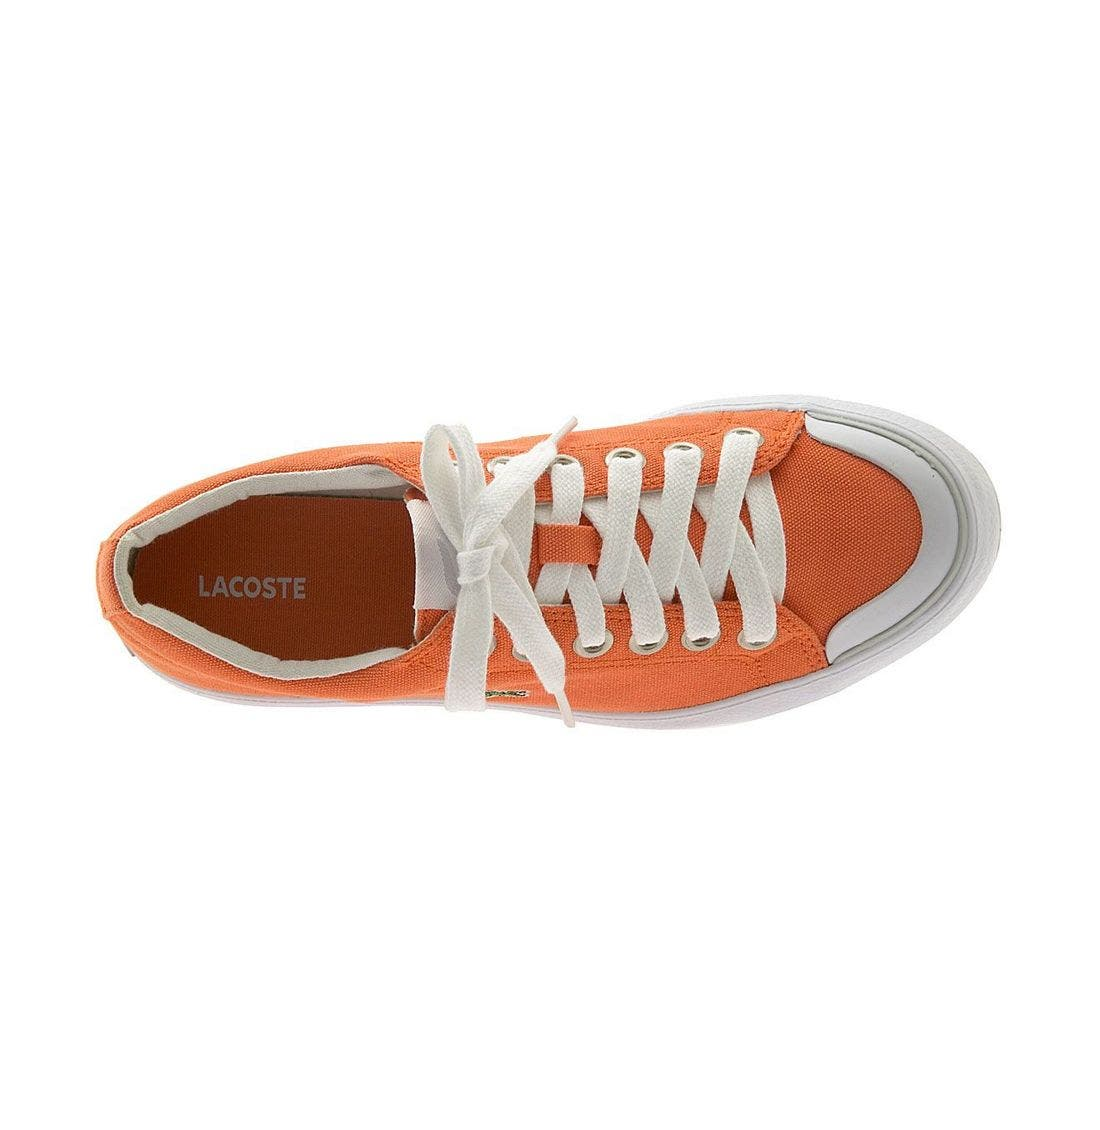 Alternate Image 3  - Lacoste 'L33 Canvas' Sneaker (Women)